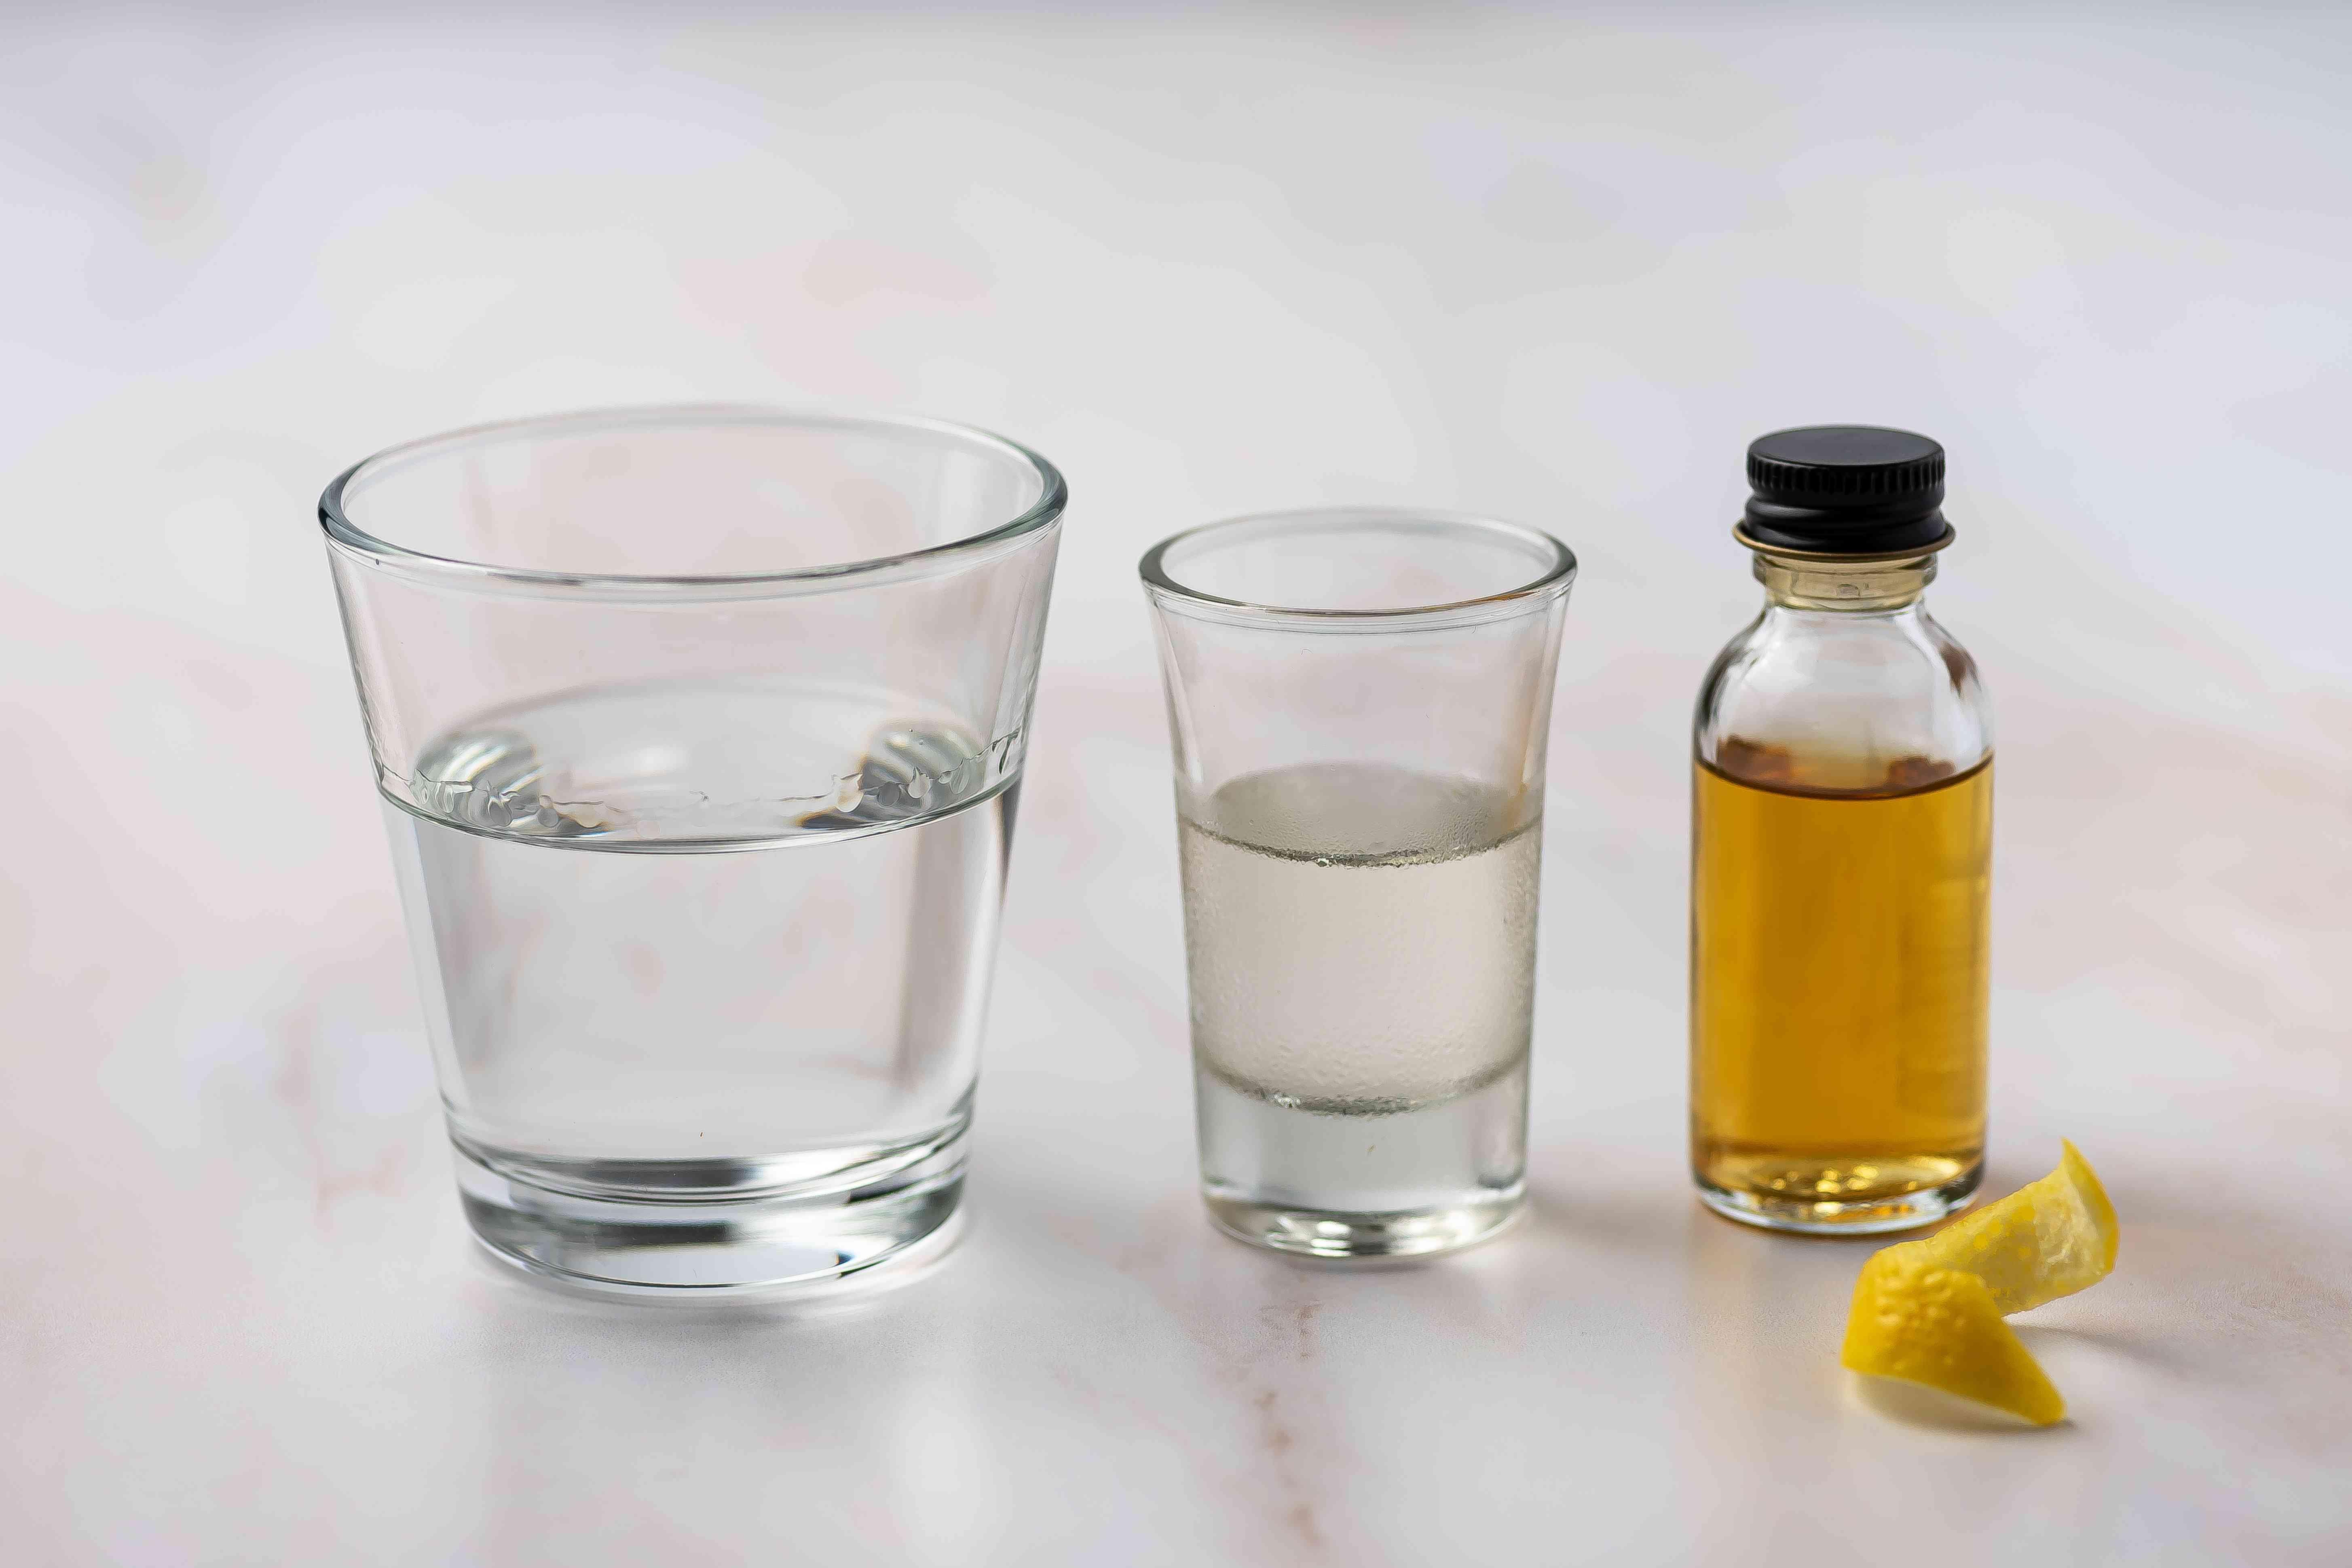 Tequini (Tequila Martini) ingredients